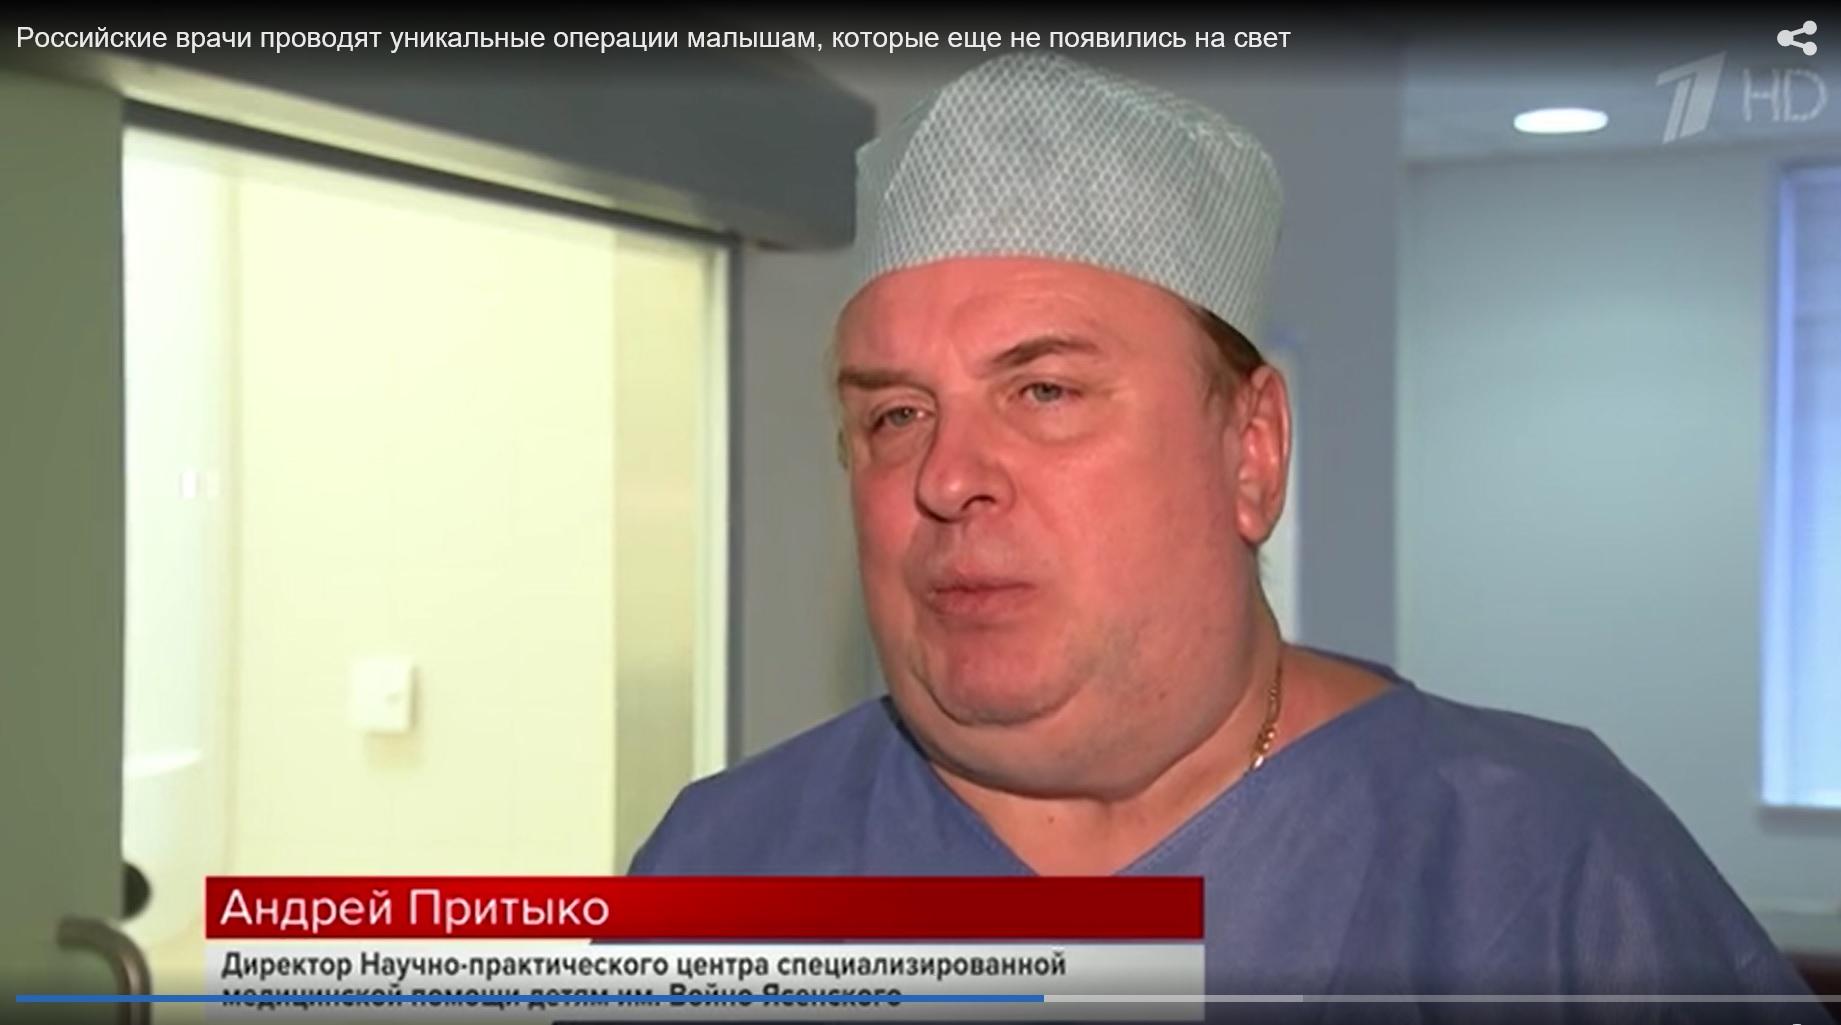 Российское телевидение показало сюжет о первопроходцах фетальной хирургии в России